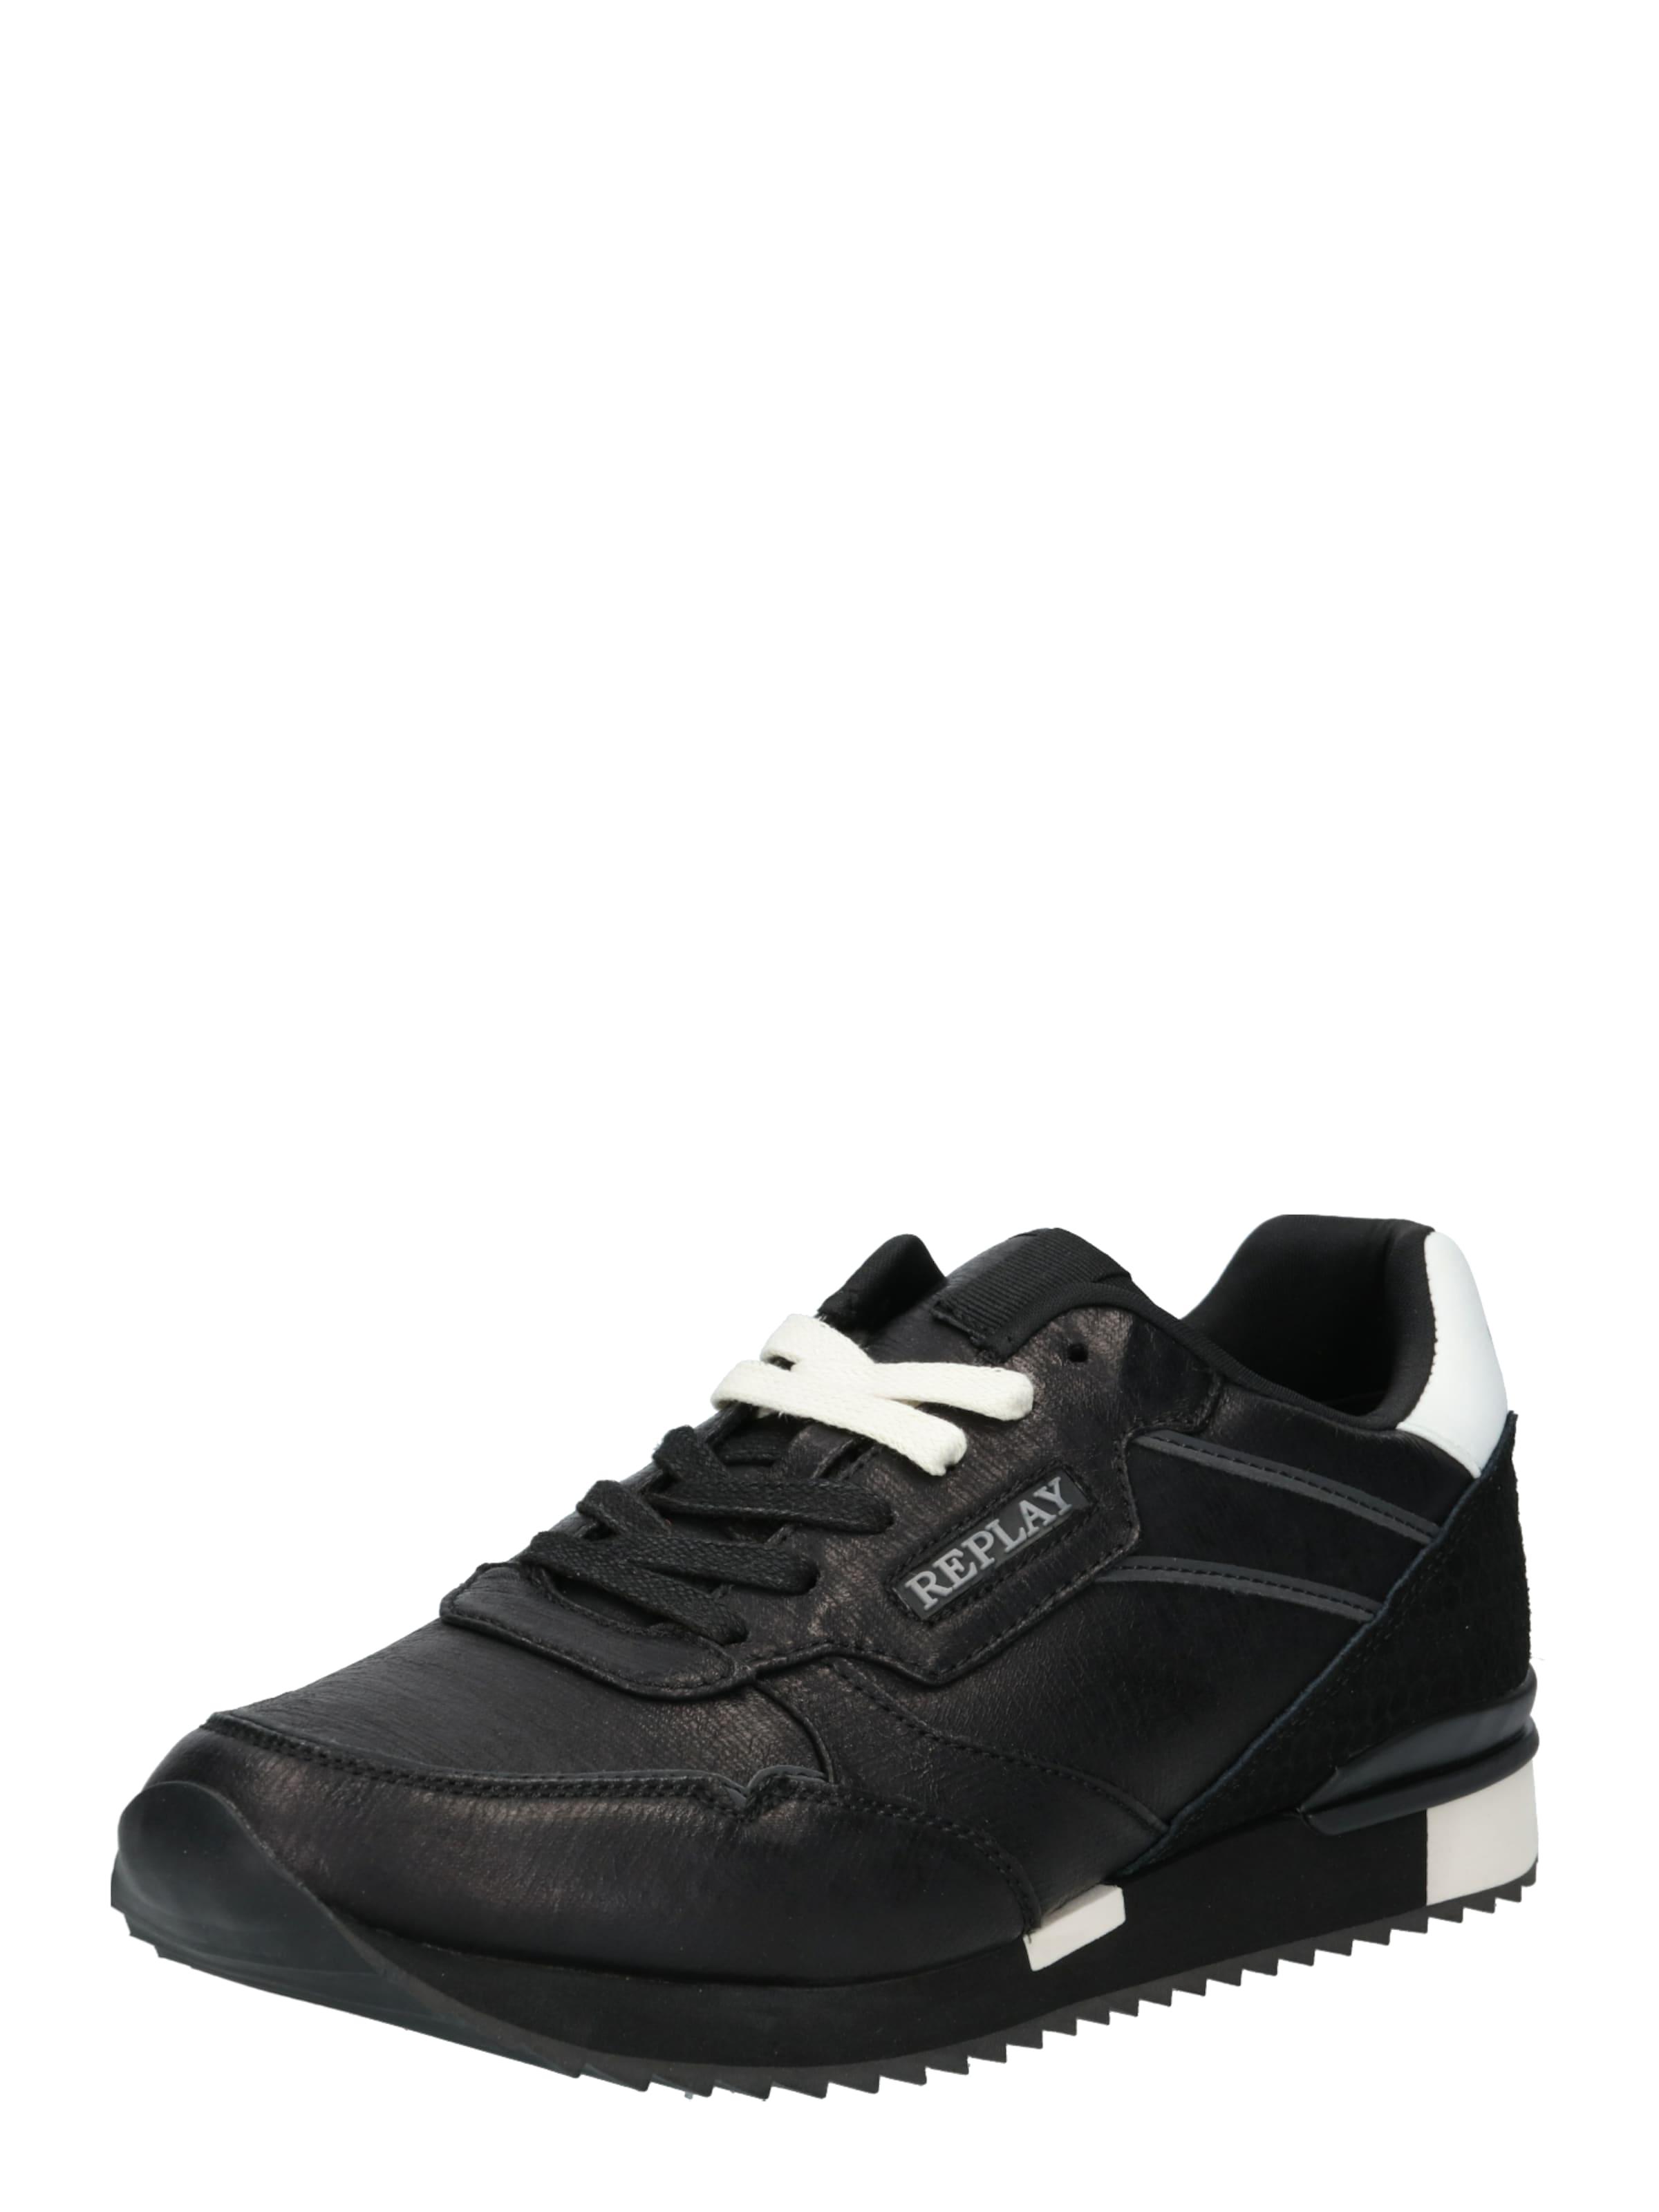 SchwarzWeiß Replay 'buckcode' In Replay Sneaker Sneaker 'buckcode' Kc31lFTJ